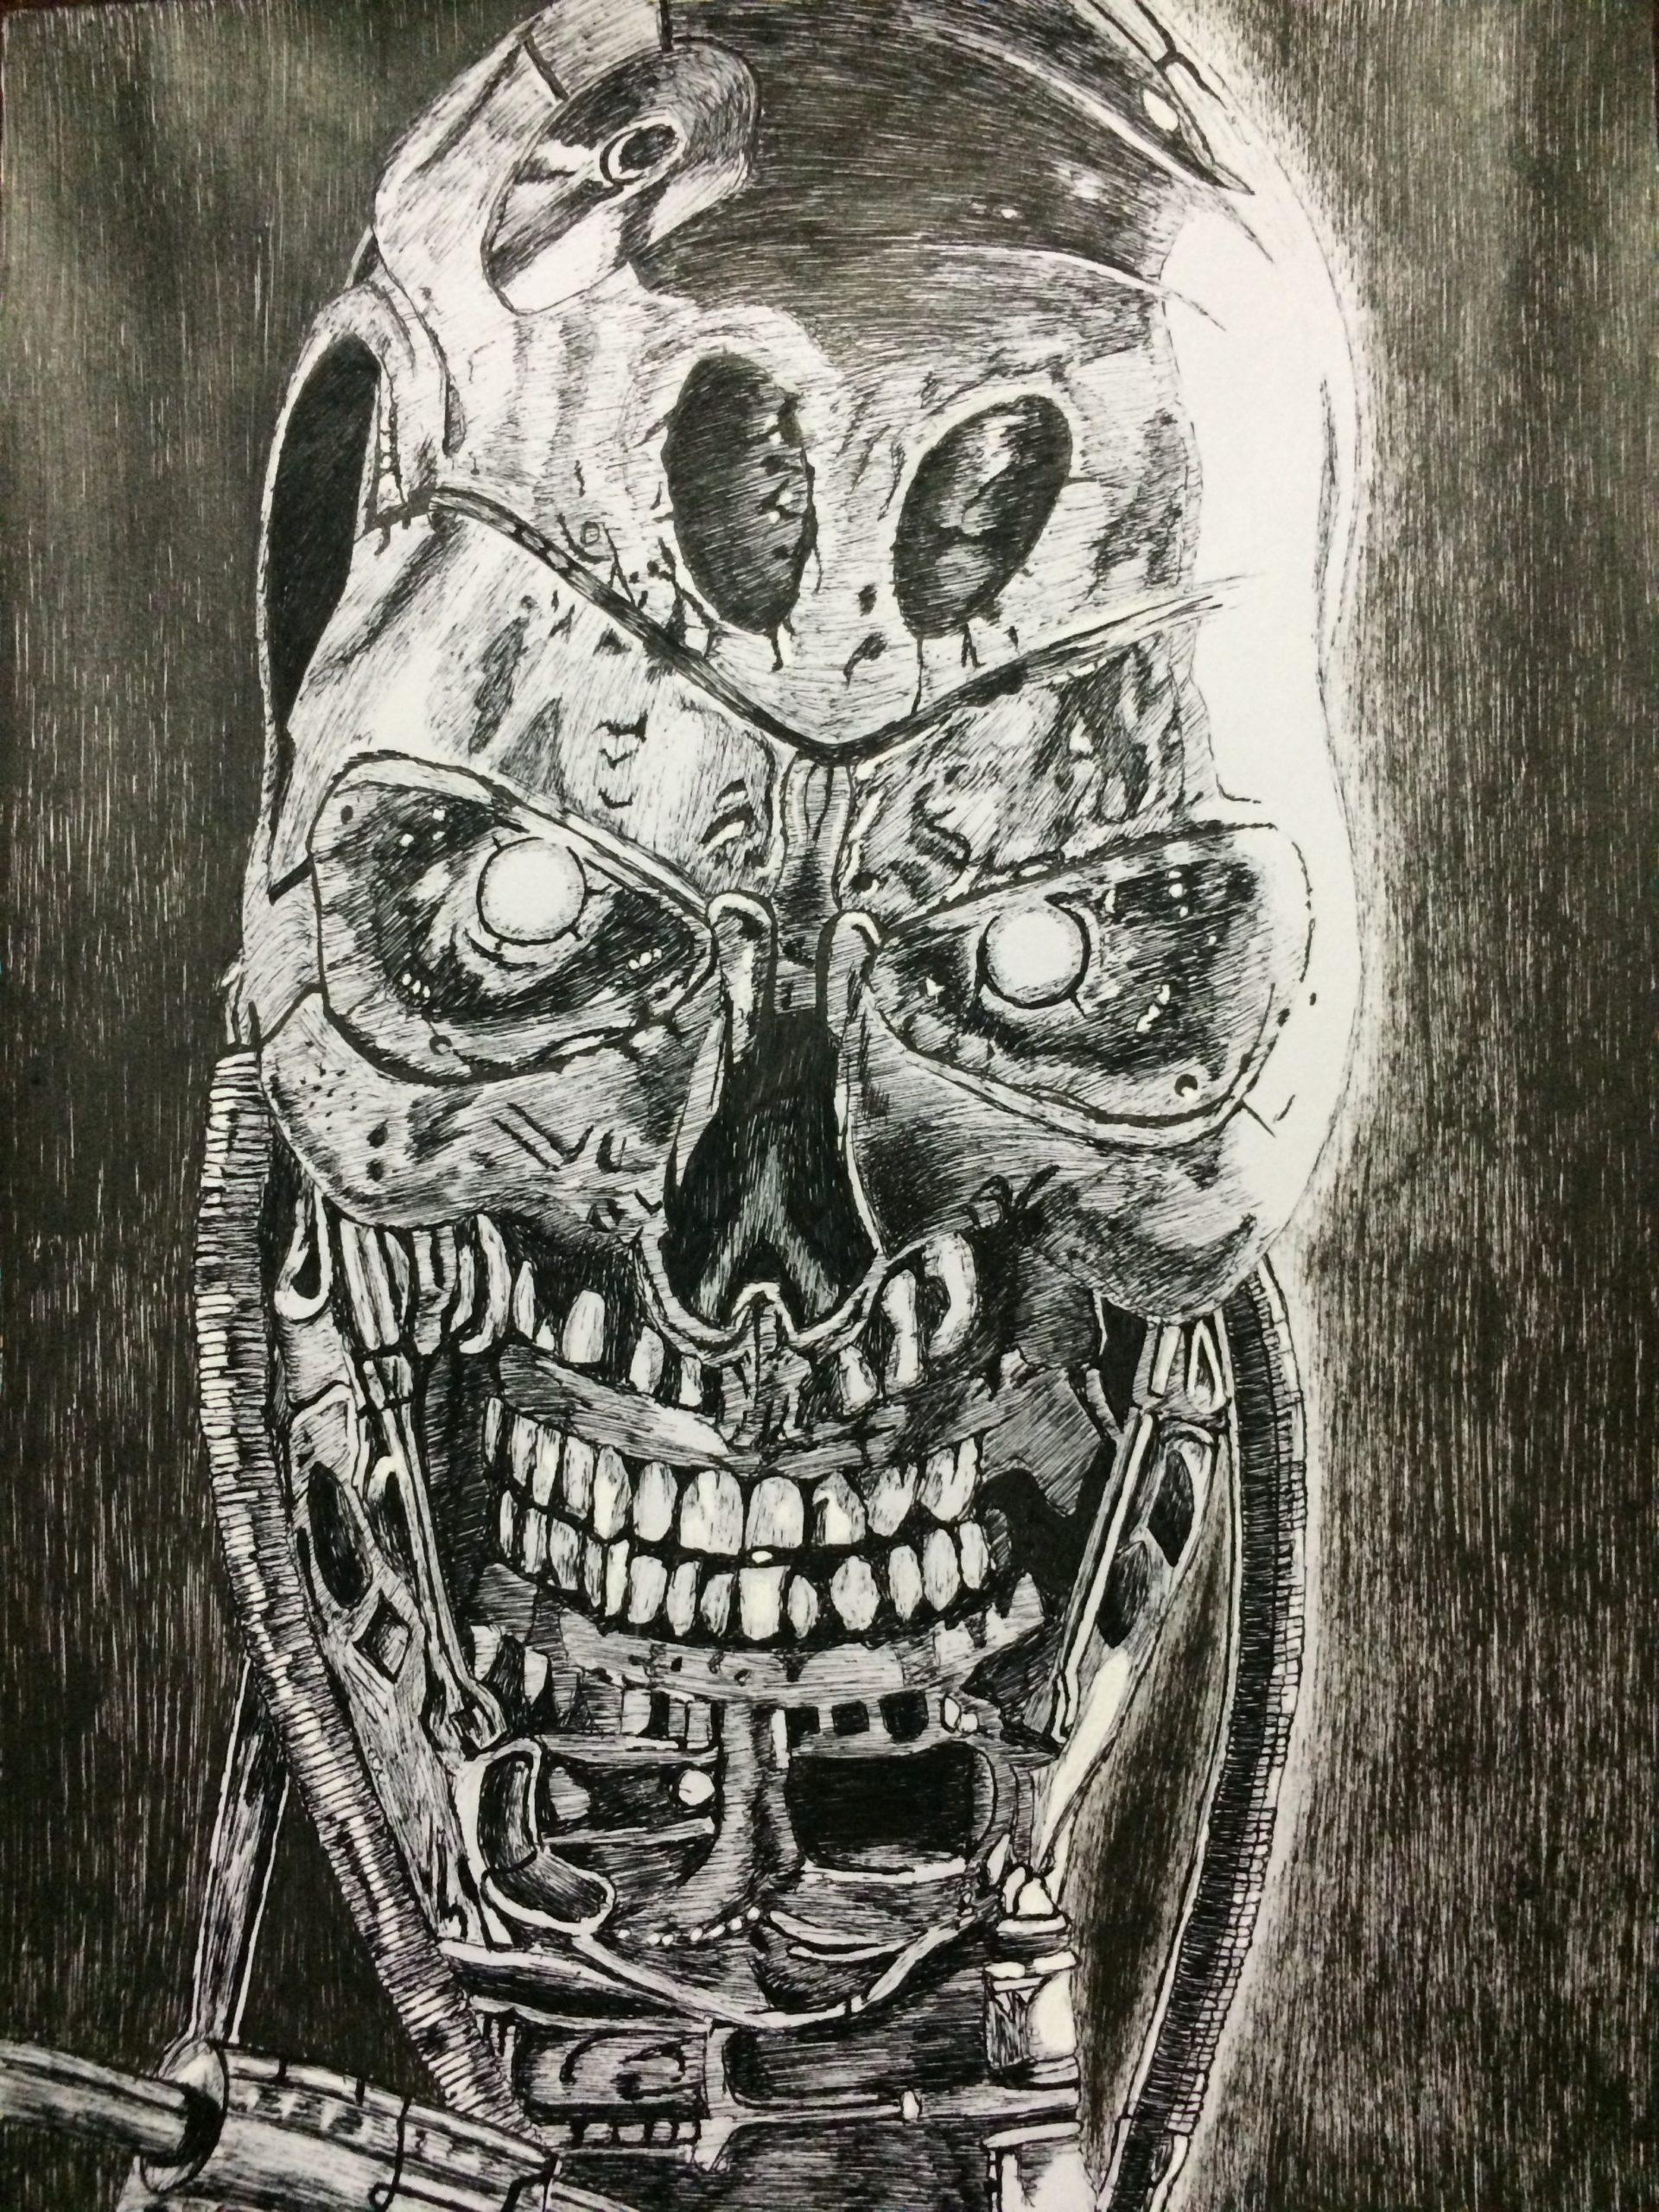 Terminator sketch with black pen